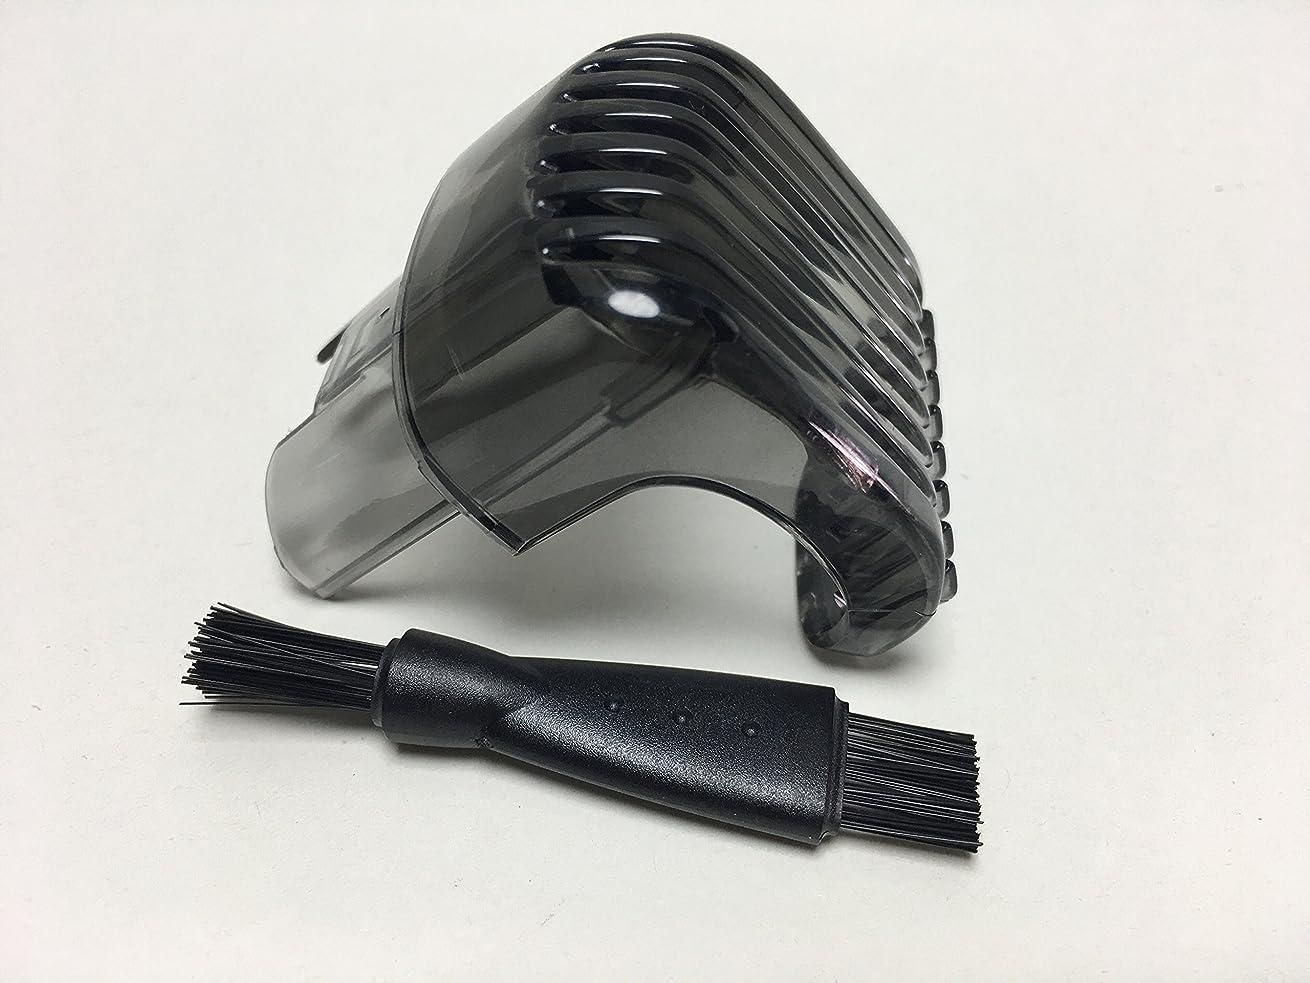 チャネル抑圧ビルビッグ シェービングカミソリトリマークリッパーコーム フィリップス Philips QS6100 QS6140 QS6160 QS6100/50 QS6141 QS6161 QS6141/33 ヘア 櫛 細部コーム Shaver Razor hair trimmer clipper comb